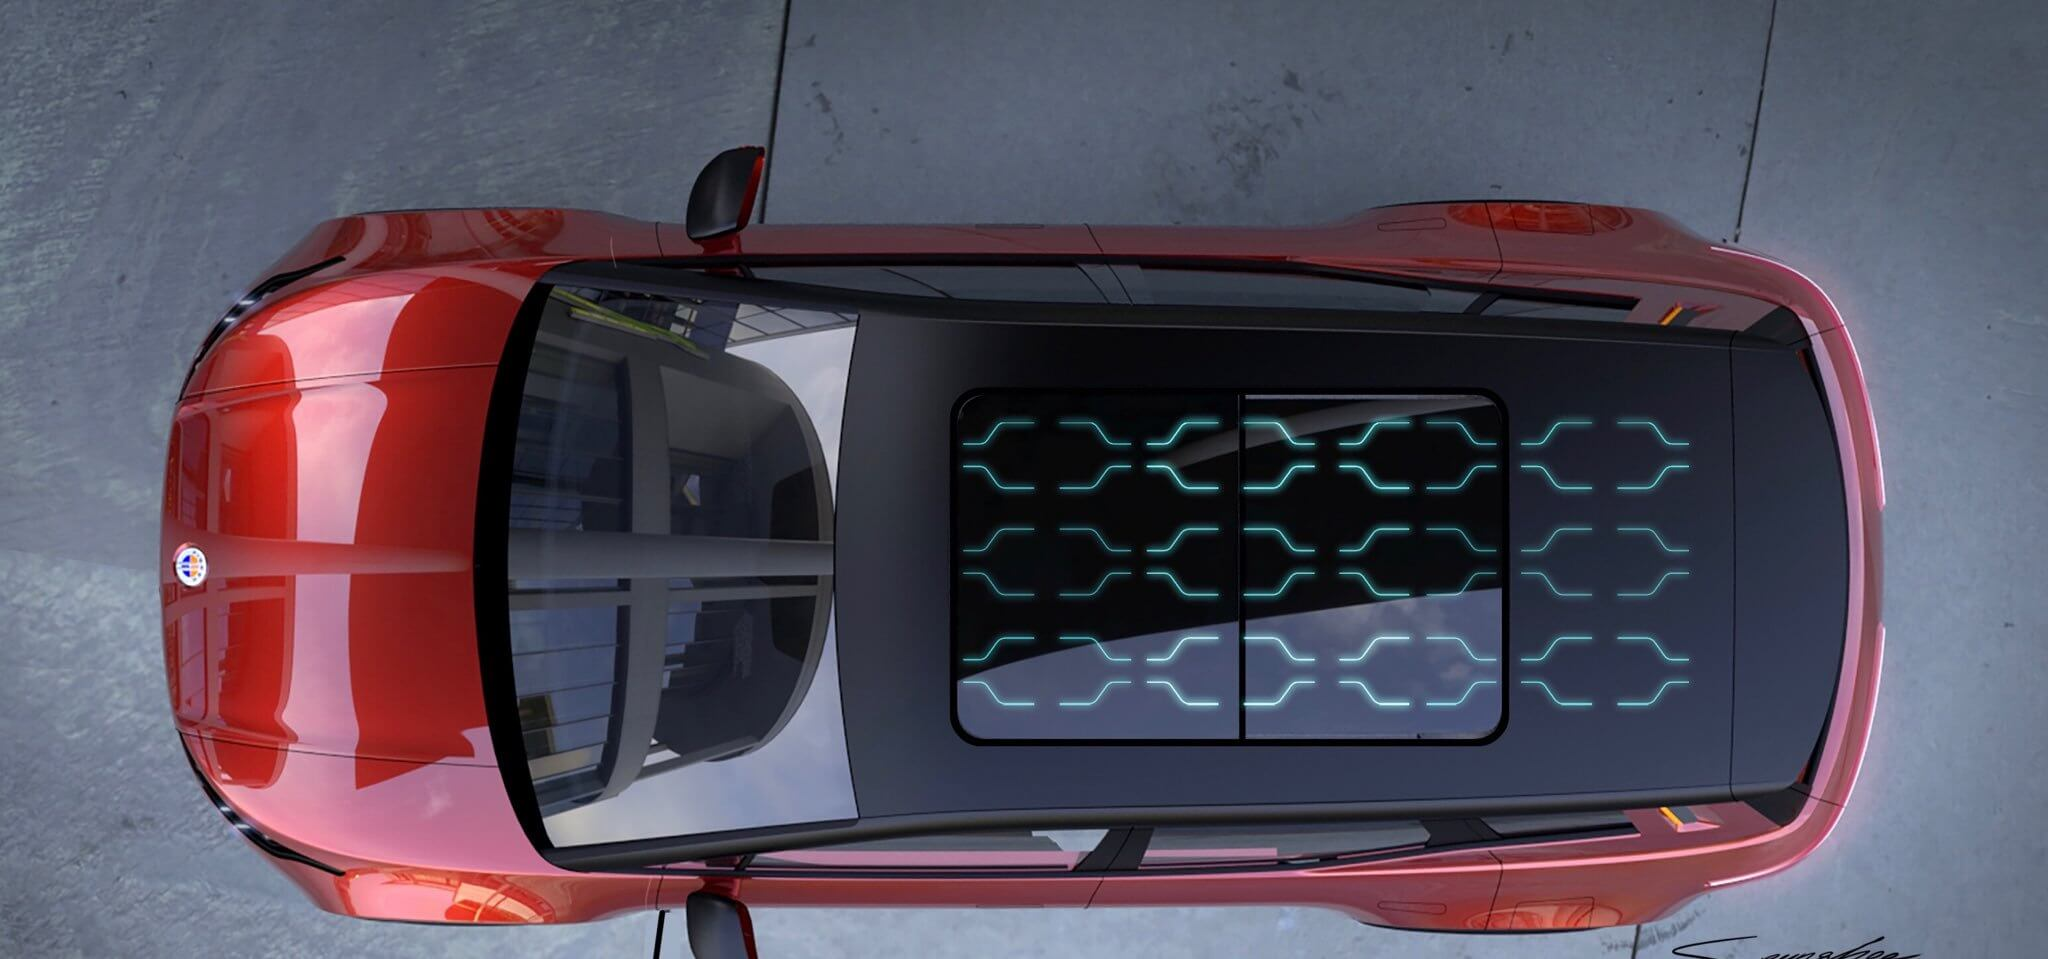 Электрический кроссовер Fisker получит крышу с солнечными панелями